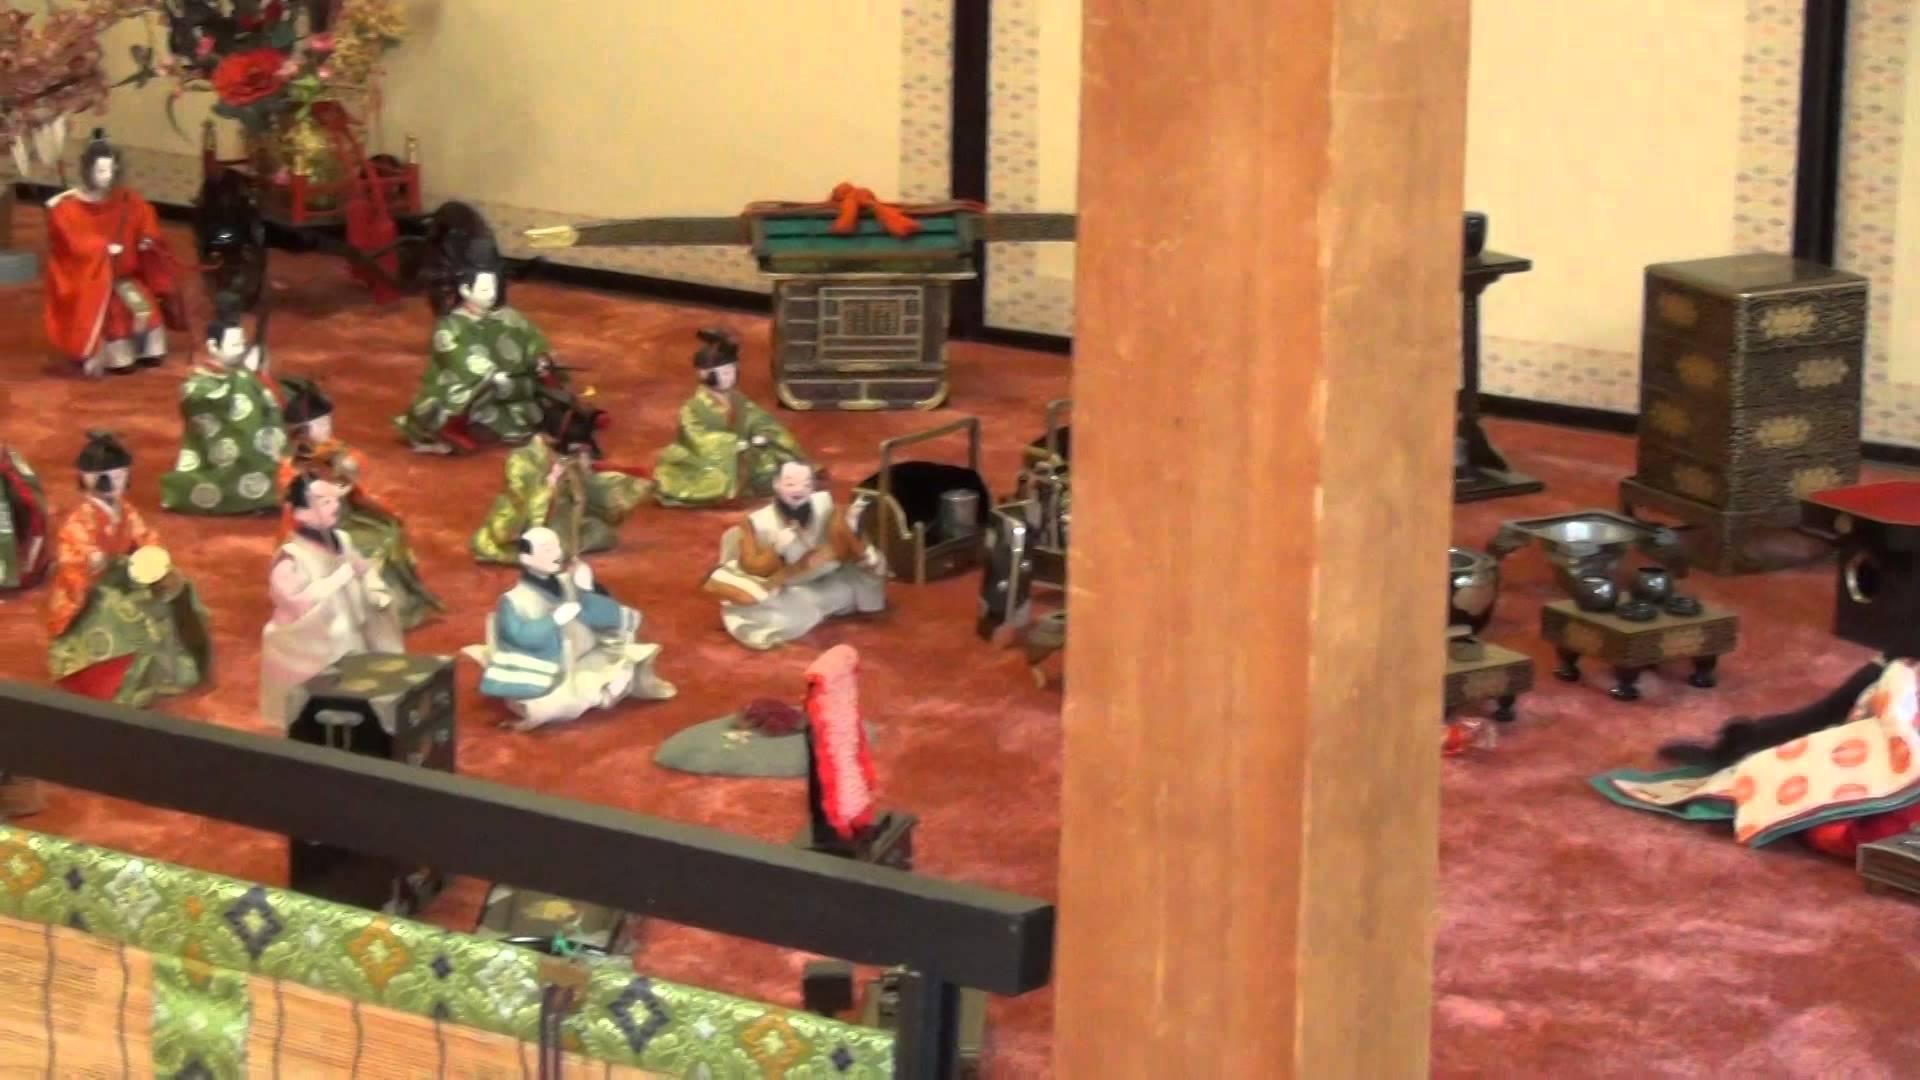 市比賣神社(いちひめ 神社)のひいなまつりで飾ってあった色鮮やかな雛人形の数々